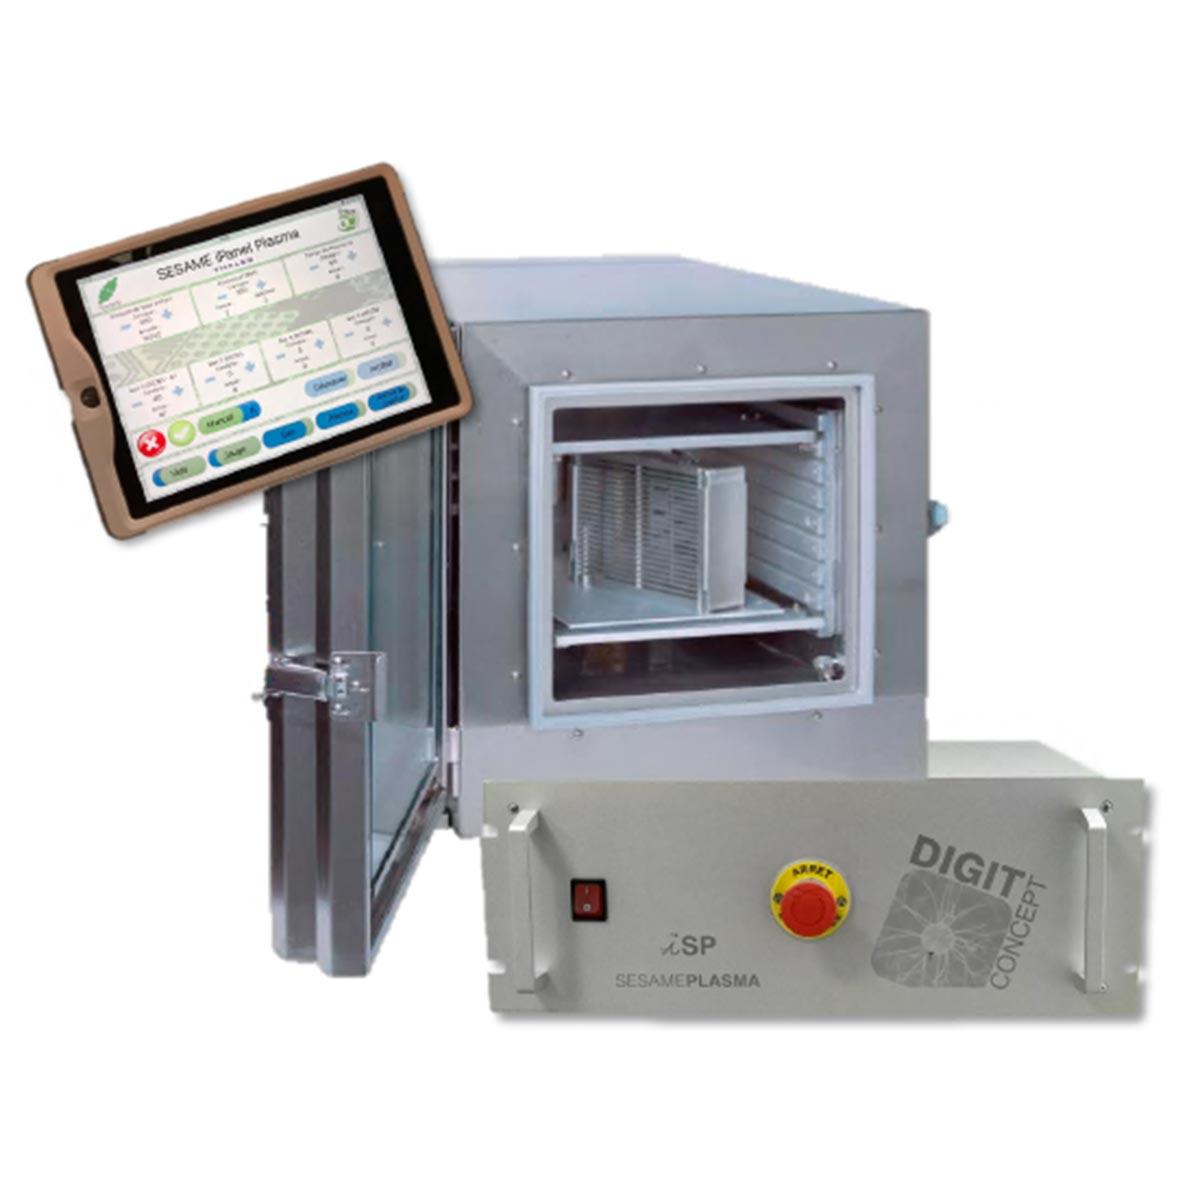 Установка плазменной очистки ꜛ iSP 330 DIGIT CONCEPT